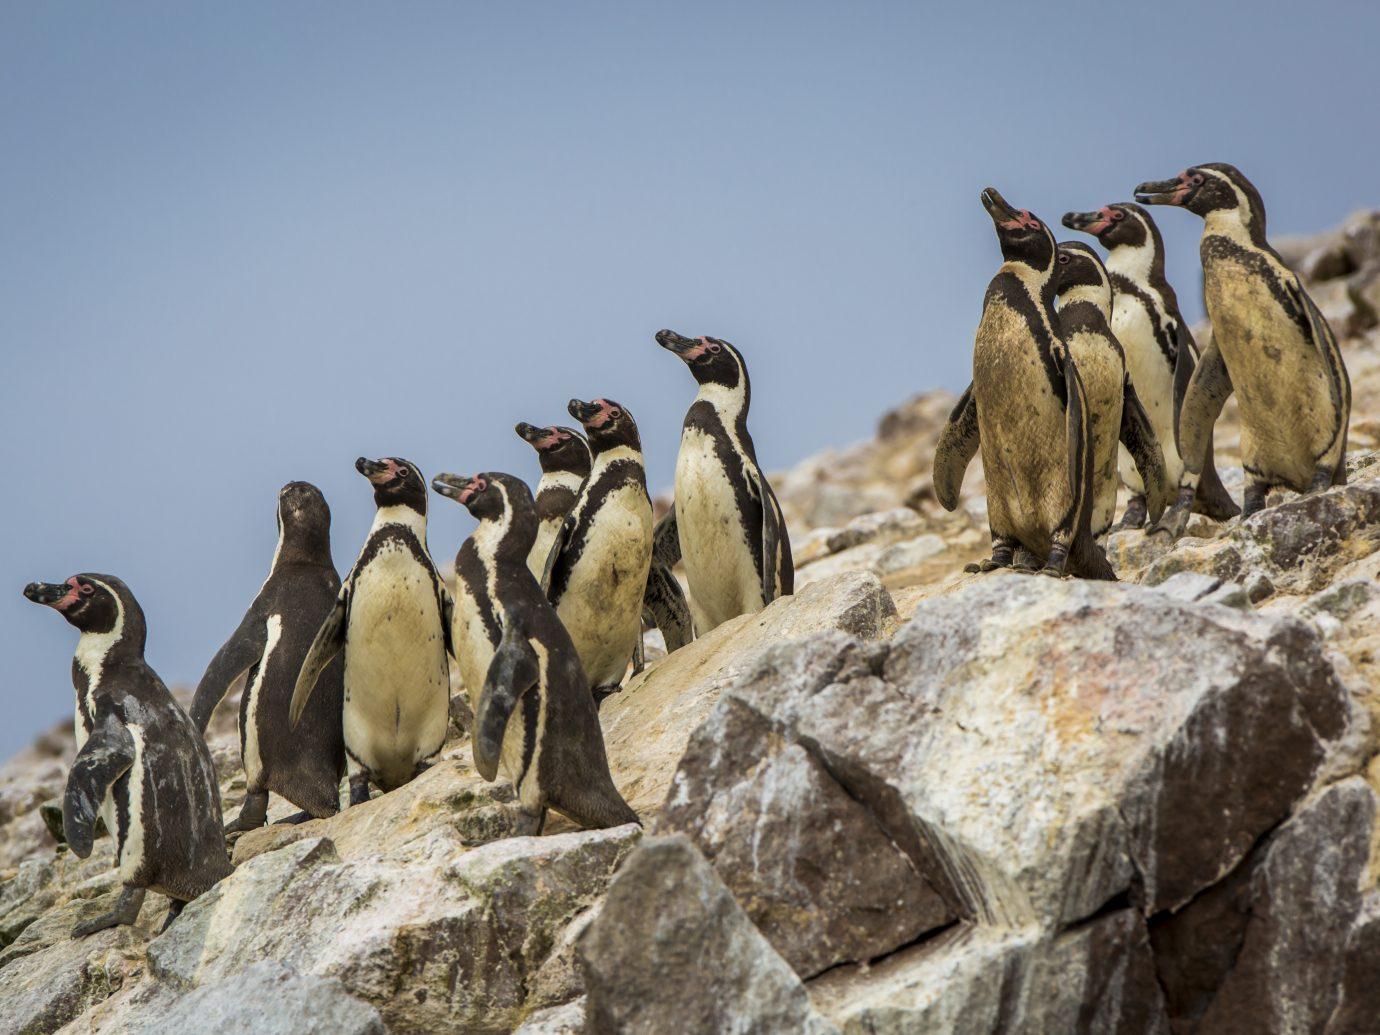 Peruvian penguins on Ballestas Islands in the Pacific Ocean.